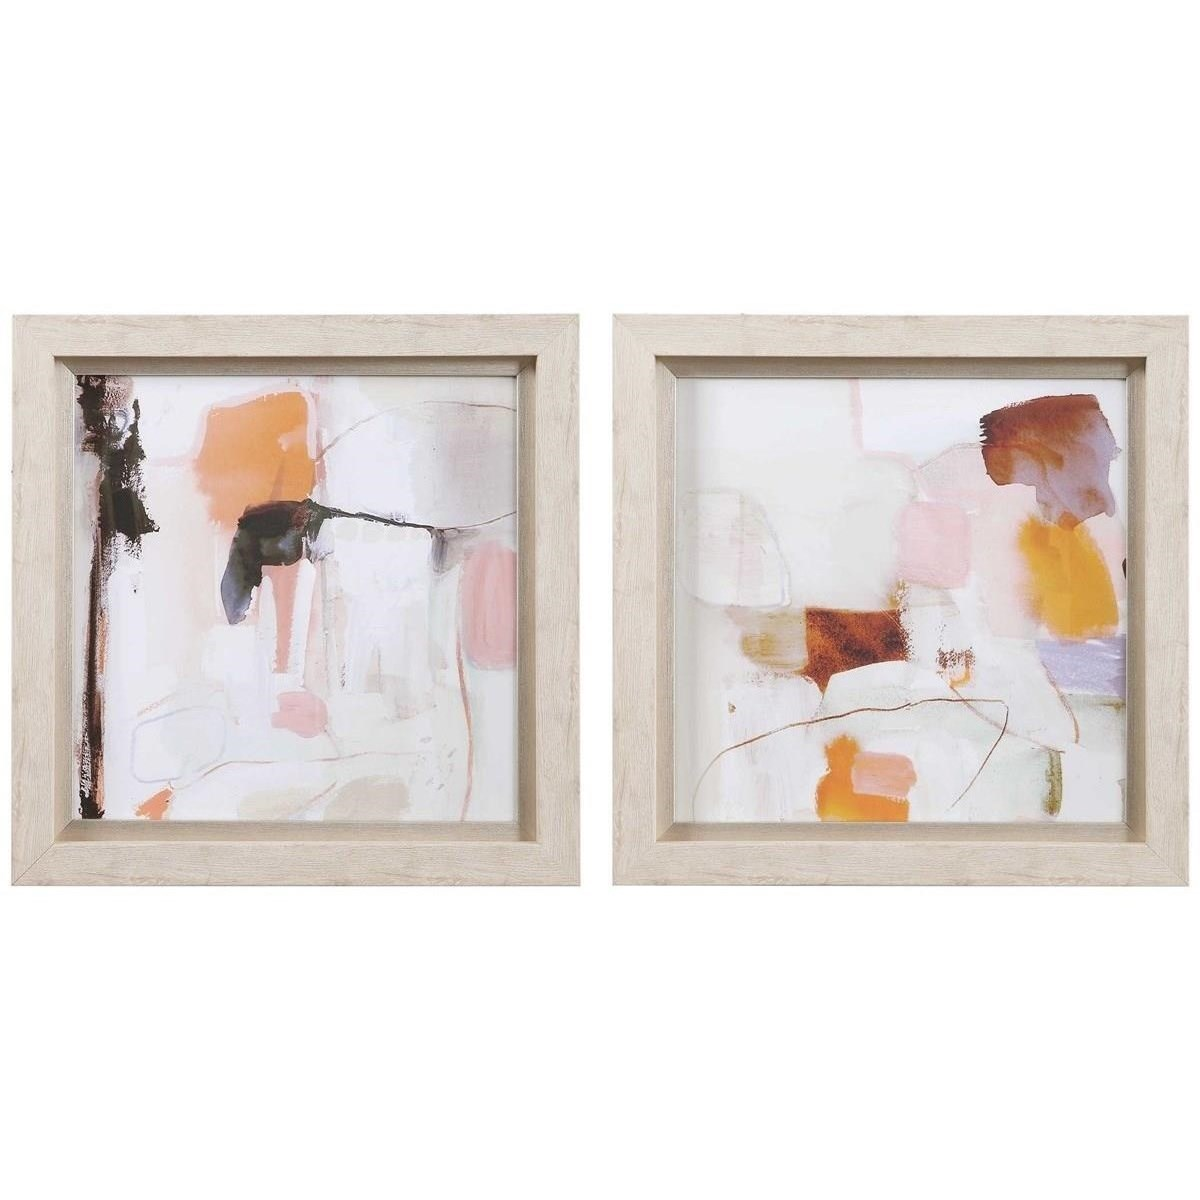 Framed Prints Ravel Framed Prints, Set/2 by Uttermost at Stuckey Furniture